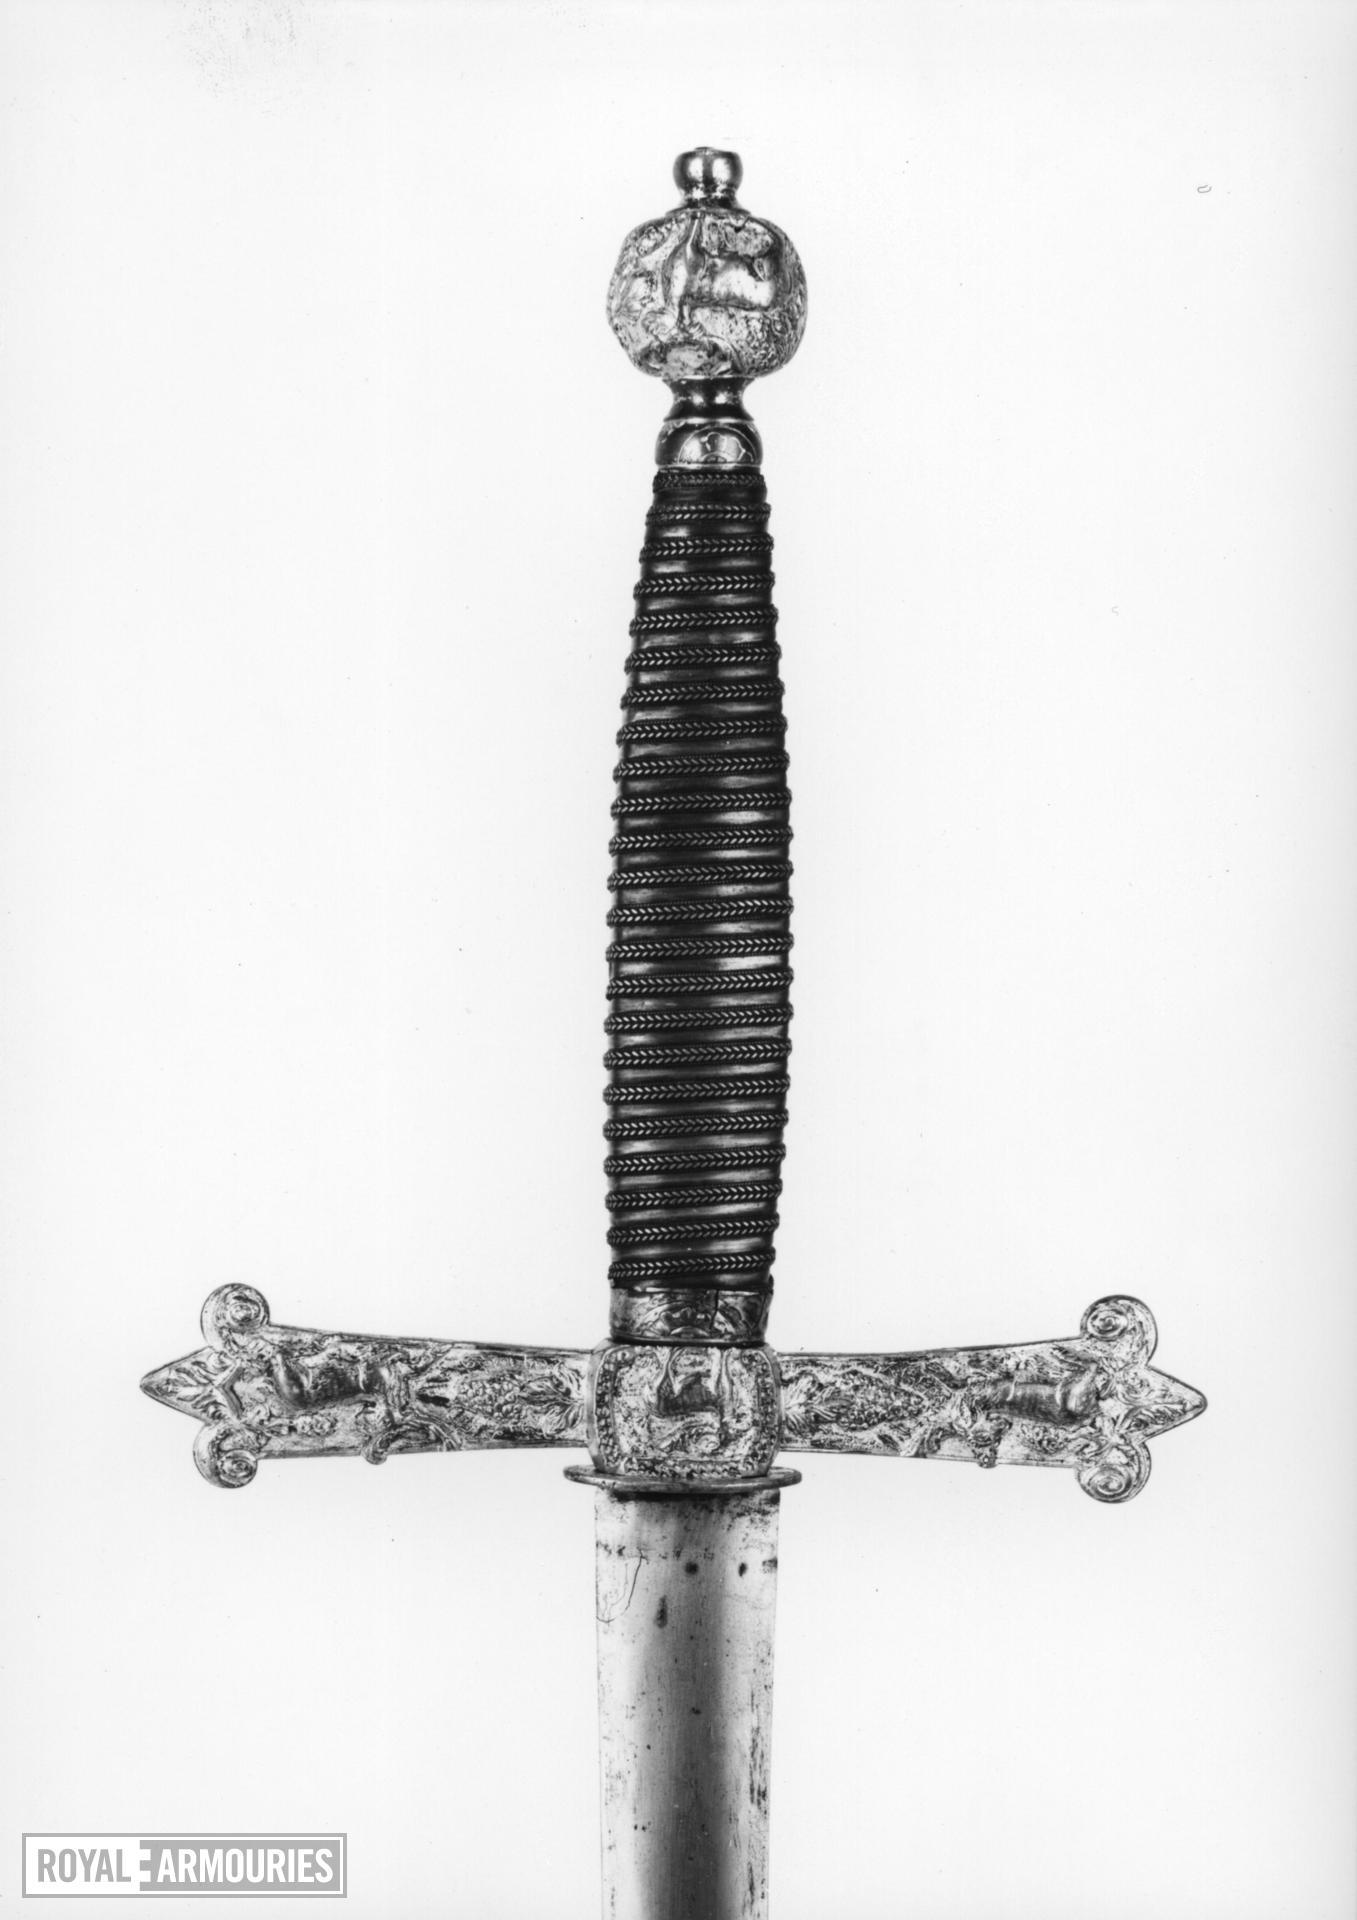 Sword - Two-handed sword